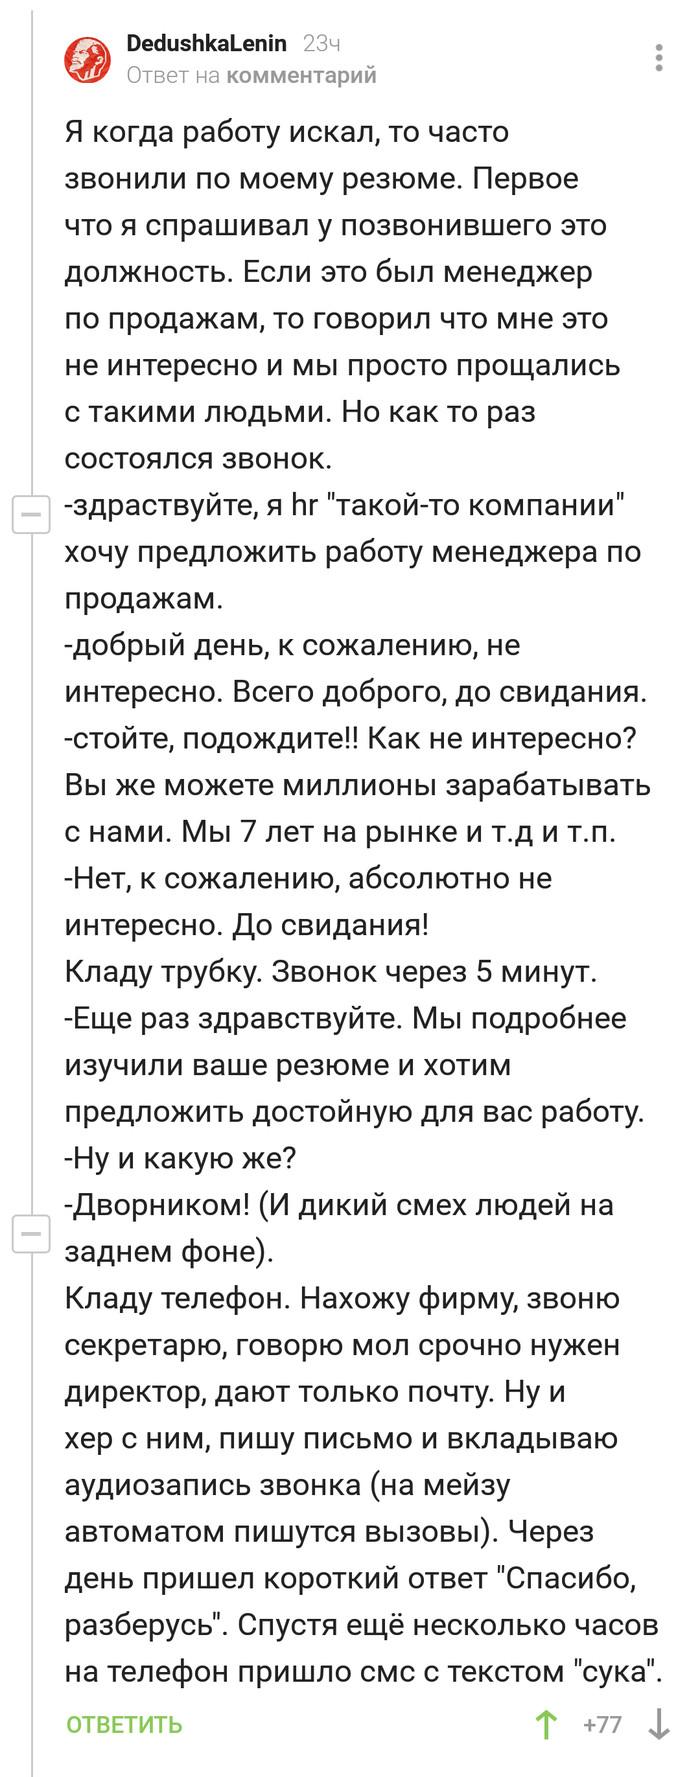 Как дедушку Ленина дворником работать звали Комментарии на Пикабу, Комментарии, Скриншот, Ленин, Дворник, Месть, Длиннопост